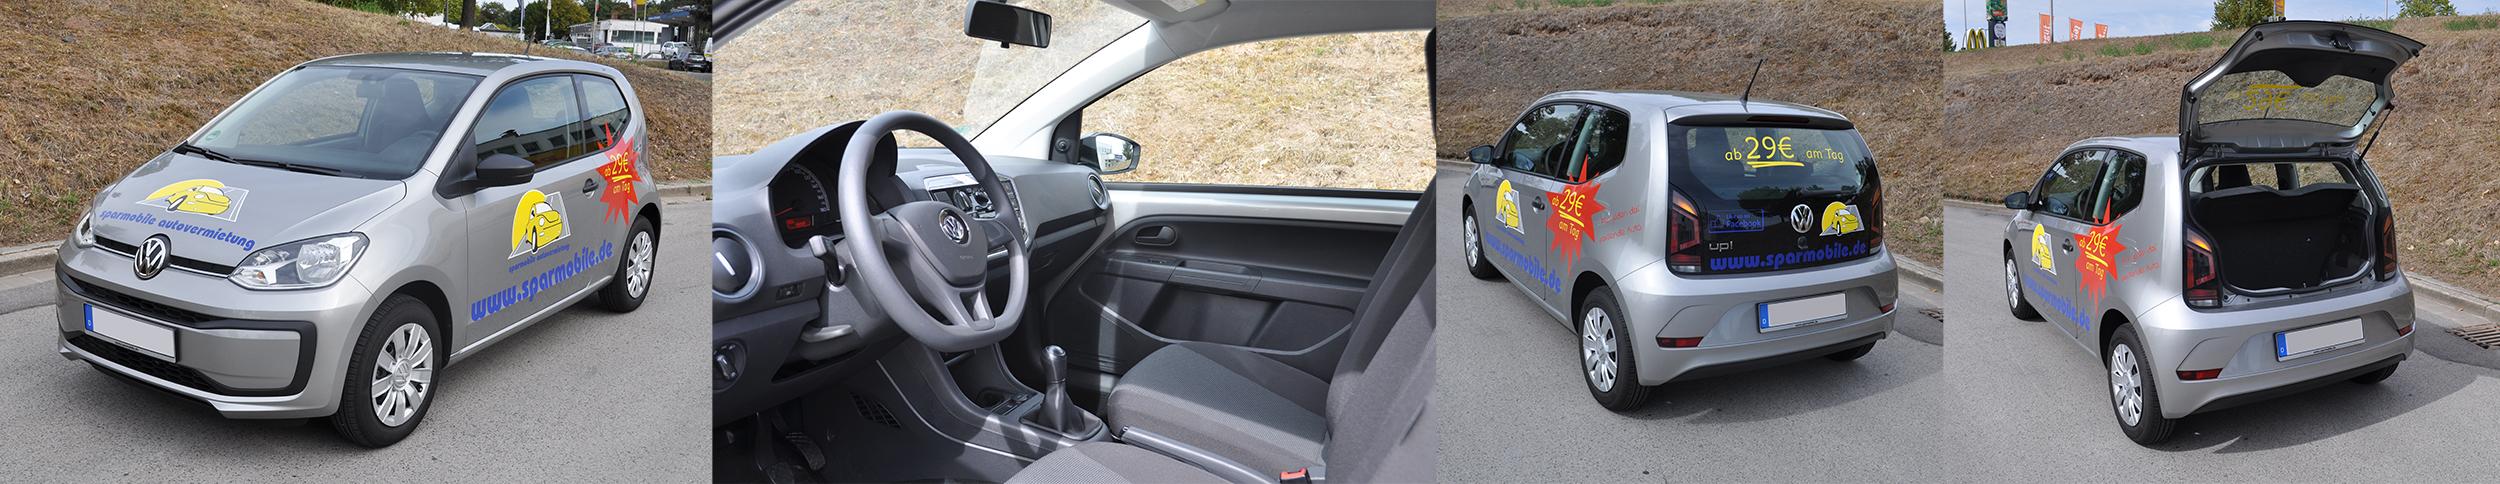 VW Up 2018 - Ausstattung Mietwagen